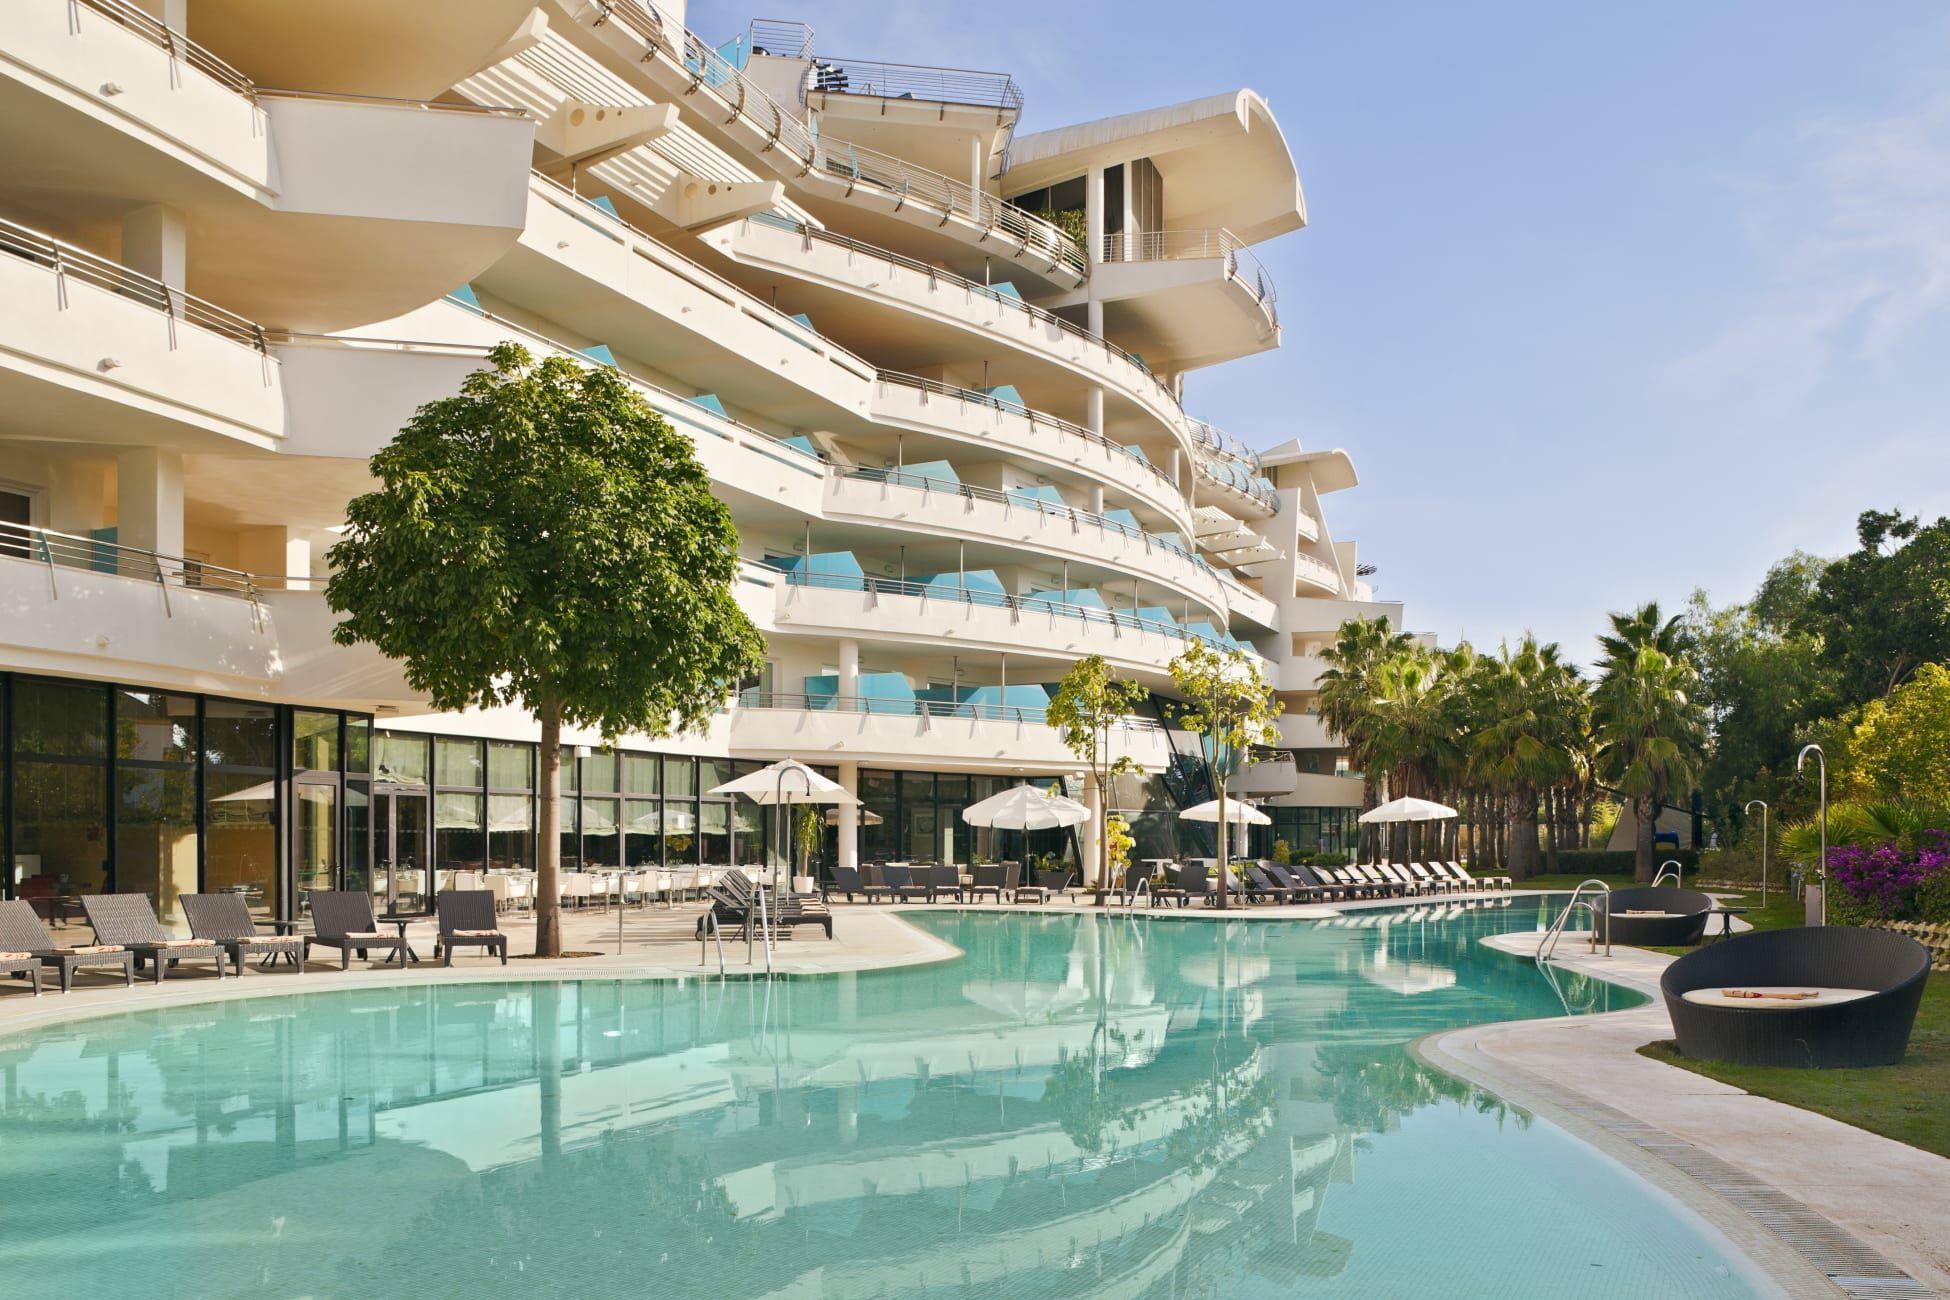 Chollo! Hotel 5 estrellas en costa del sol 33€/noche con desayuno